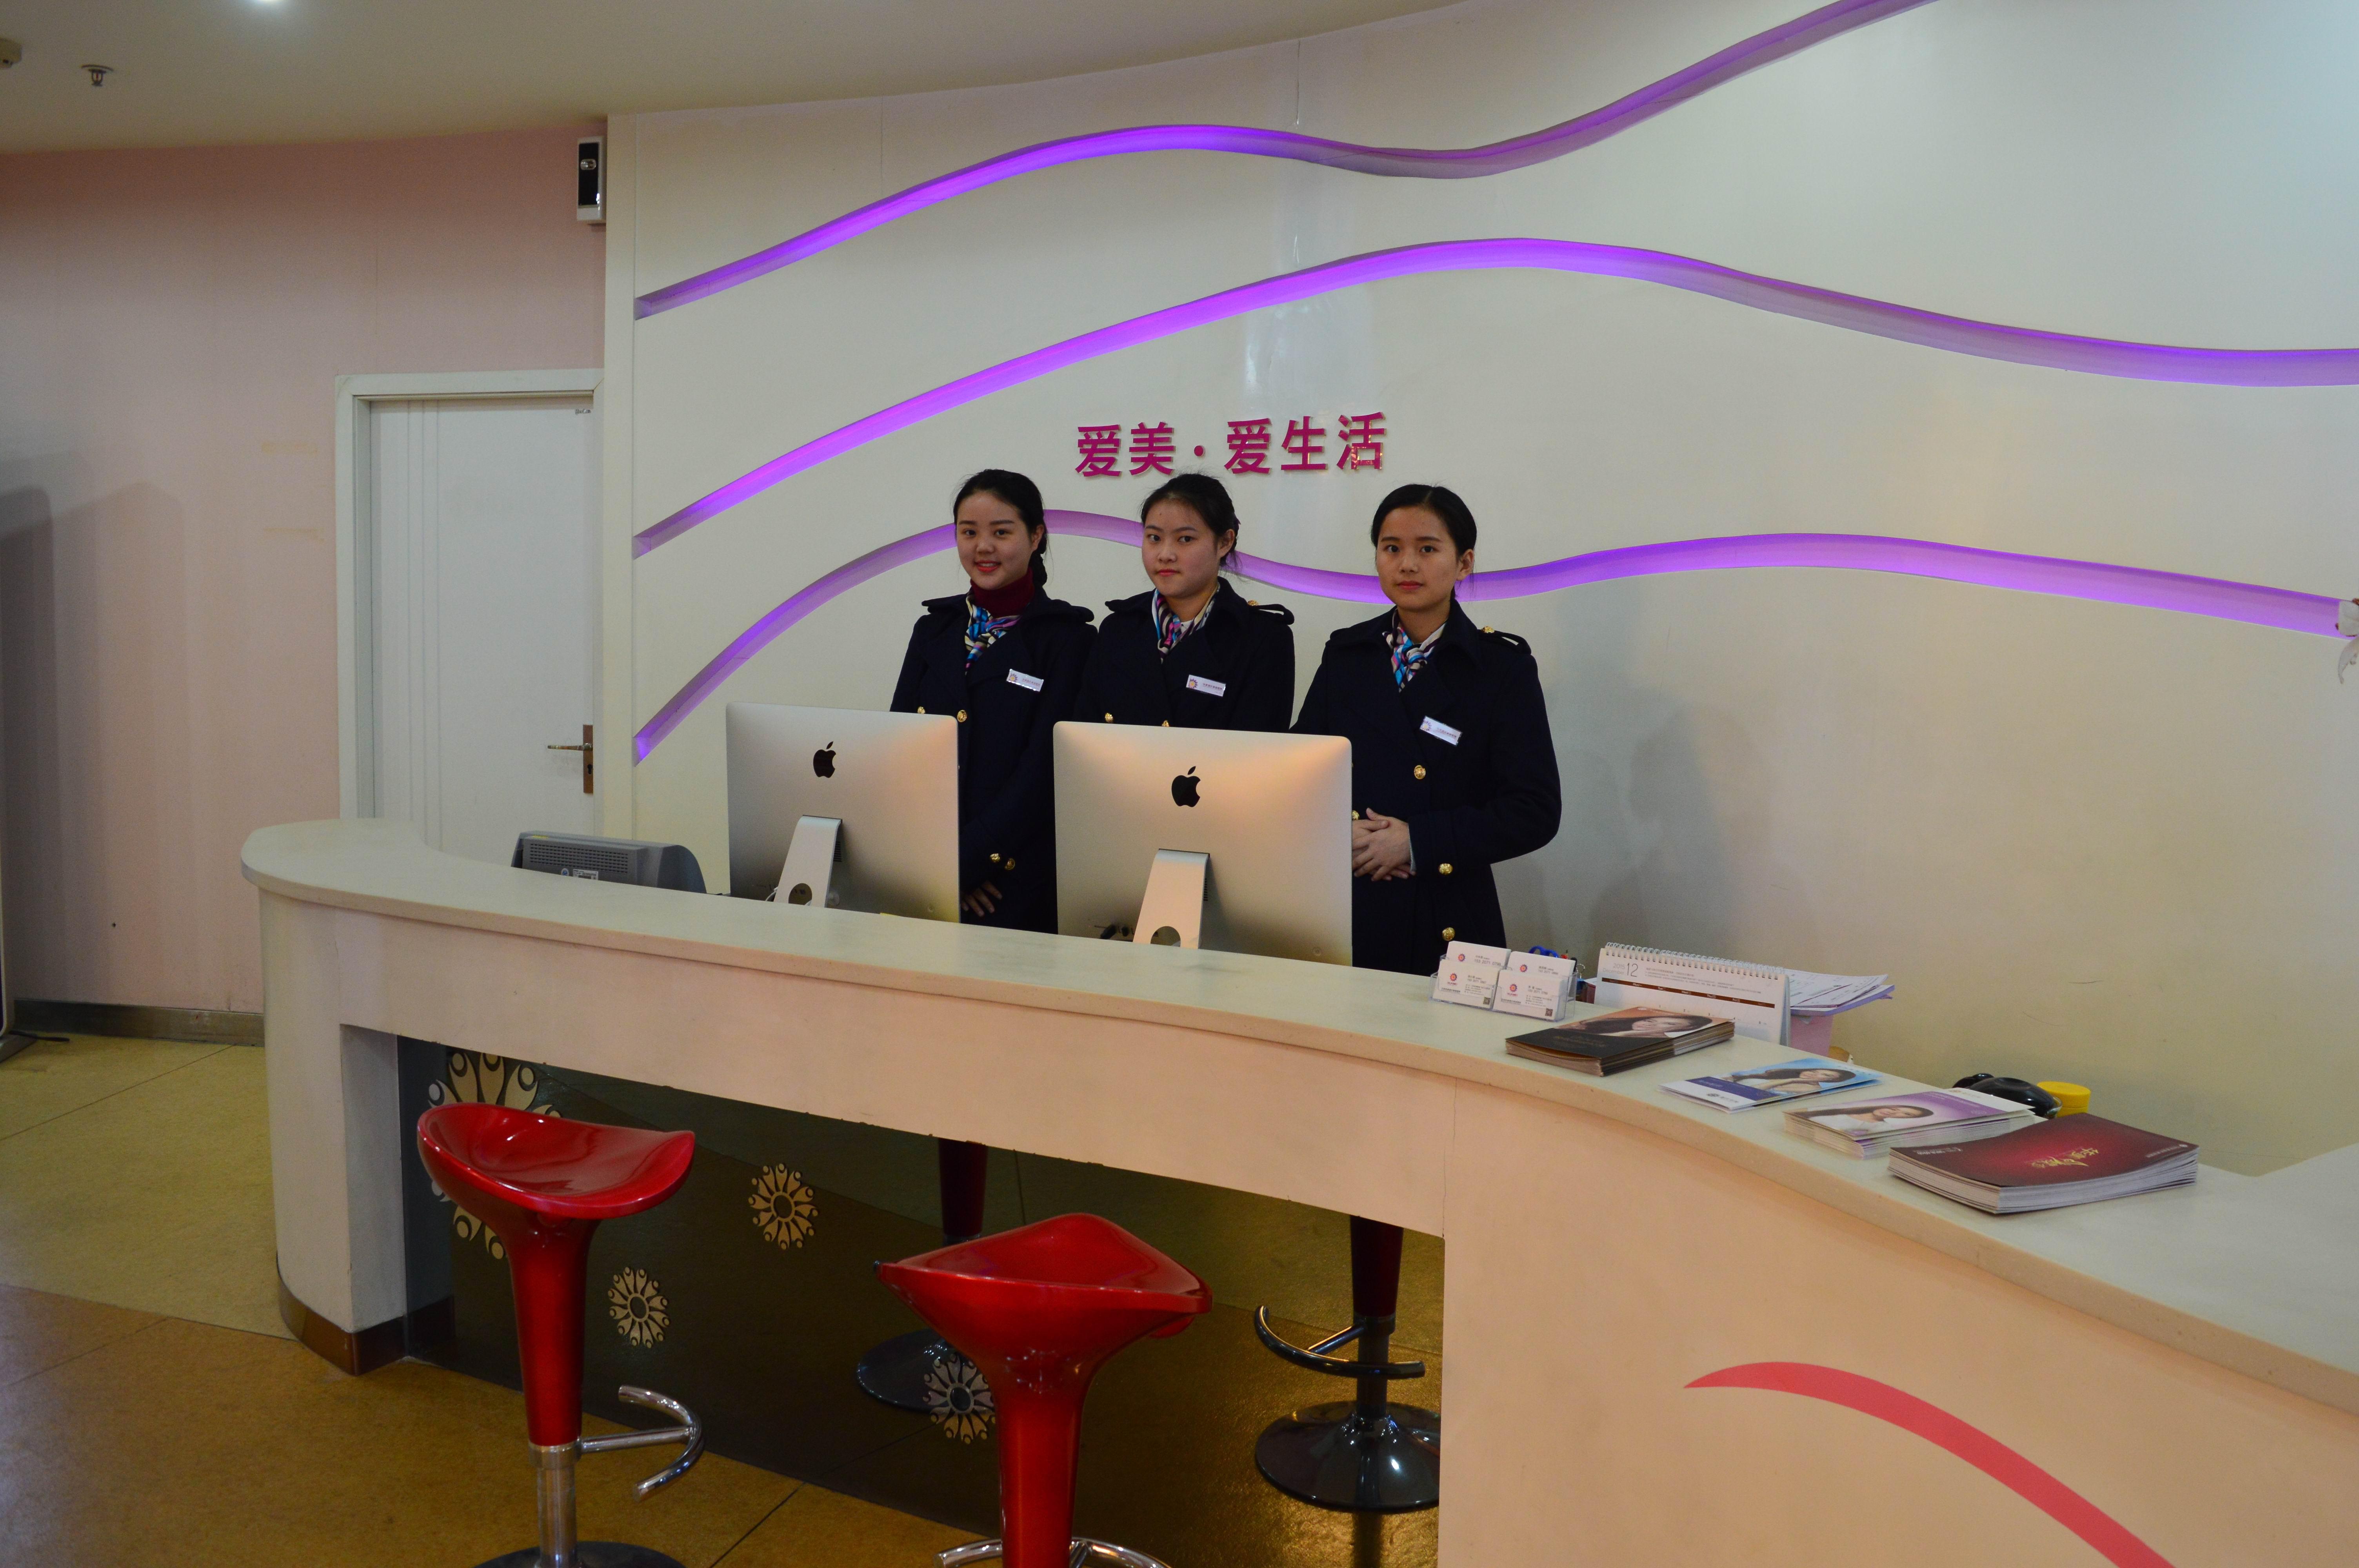 重庆万州华美紫馨整形美容医院环境图2